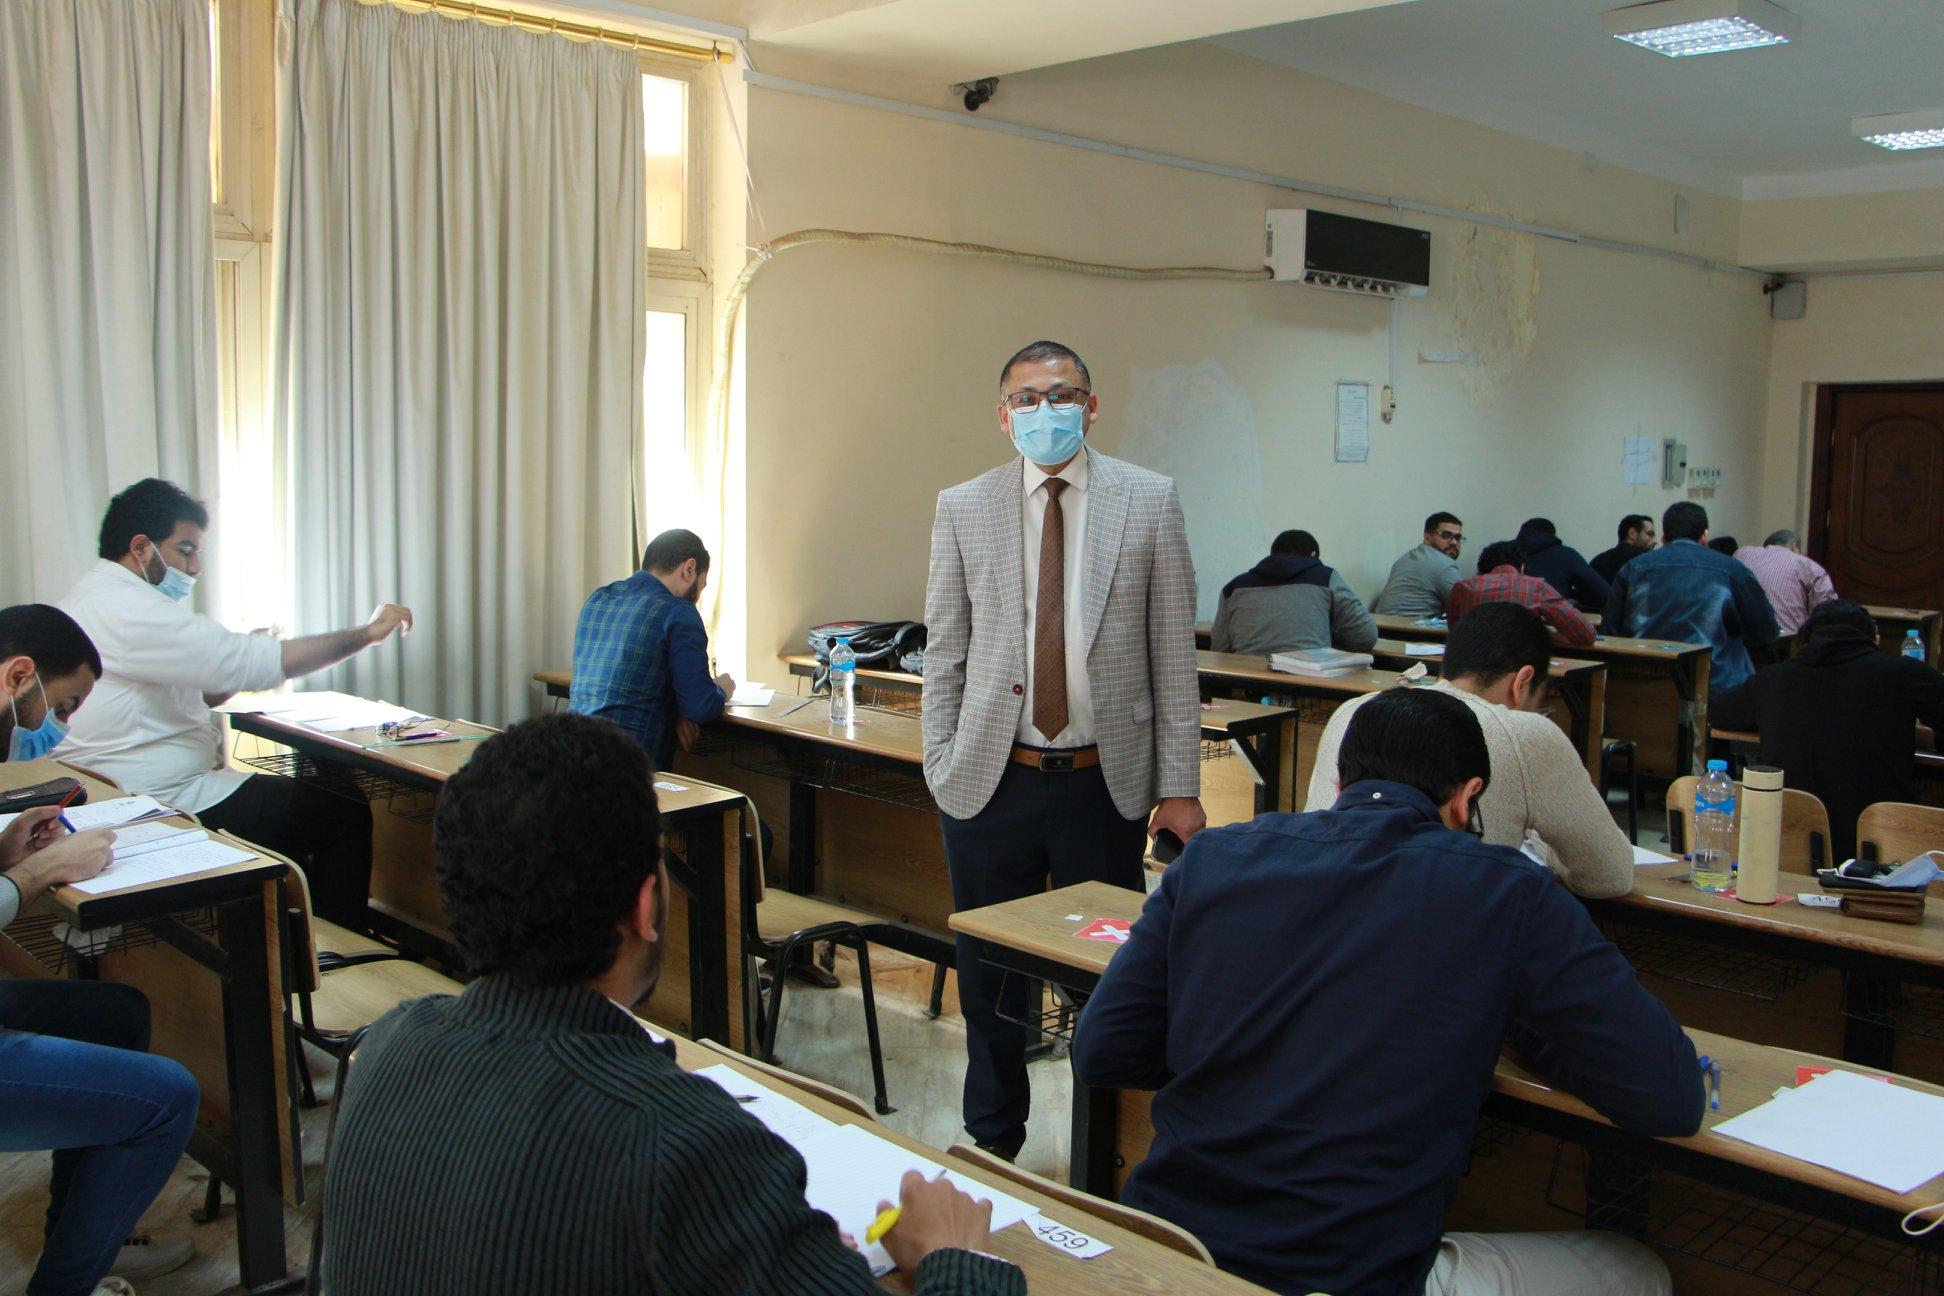 عميـد الكليـة و وكيـل الكليـة لشئـون التعليـم و الطلاب يتفقدا إمتحانات الفرقـة السادسة في مادة الجراحة العامة